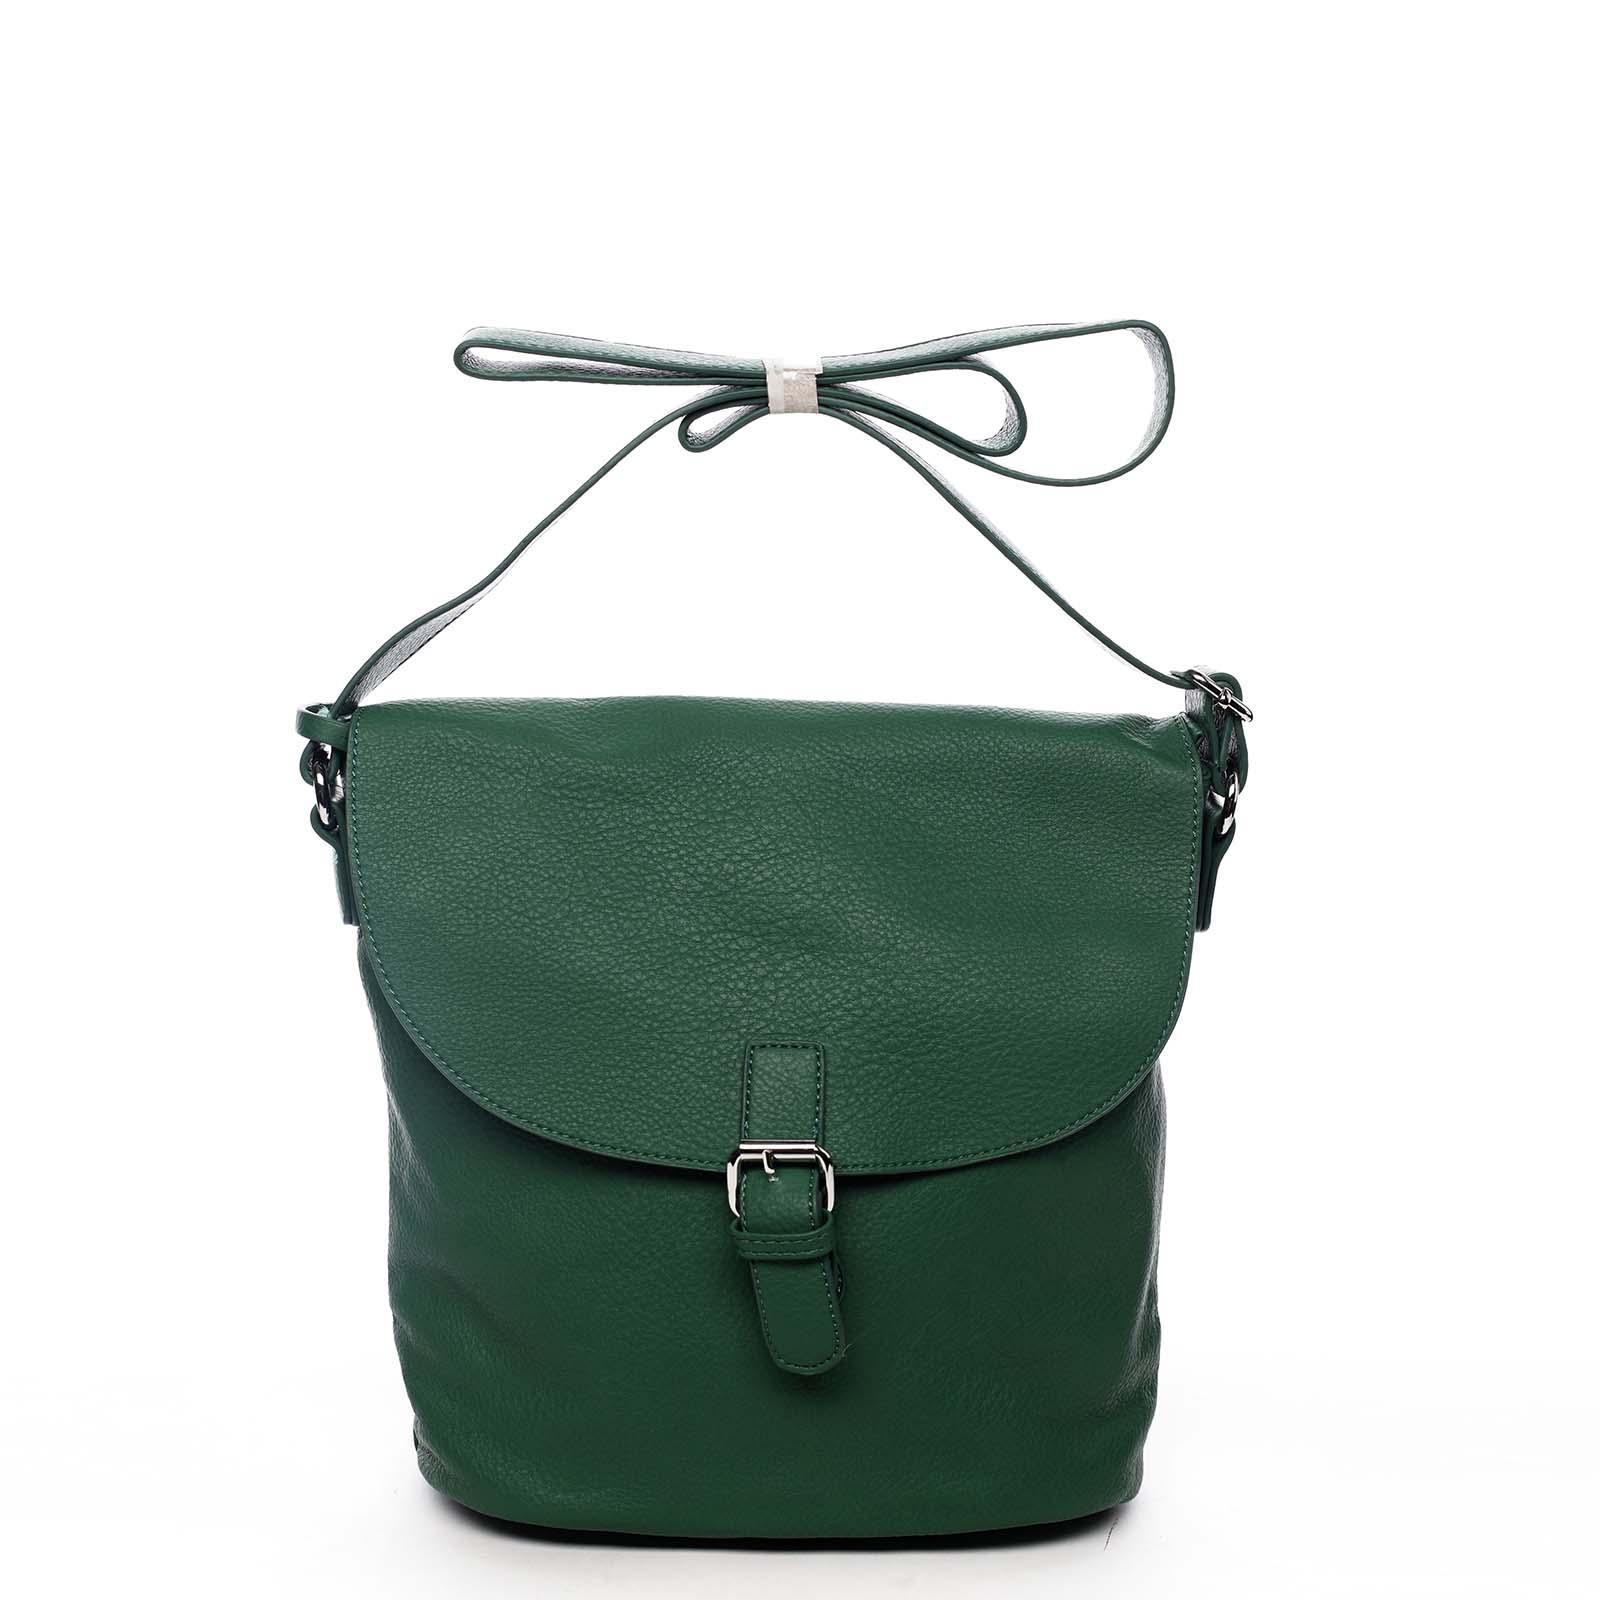 Dámská kabelka přes rameno zelená - DIANA & CO Leilla